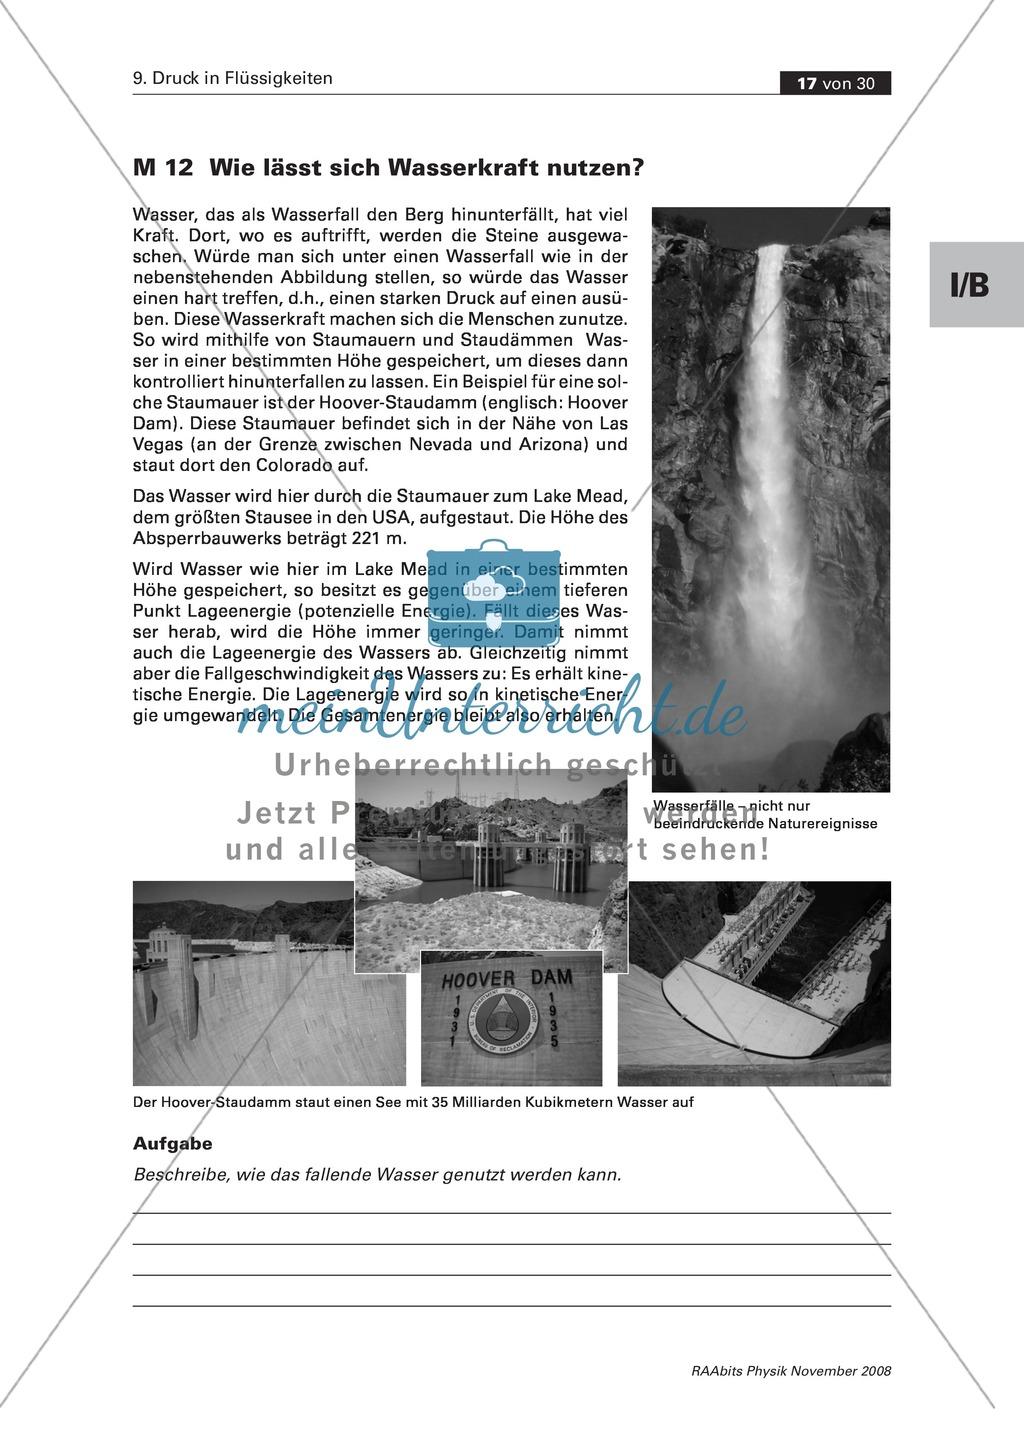 Druck in Flüssigkeiten: Schülerversuche: Wie spritzt die Flasche? + Wie lässt sich Wasserkraft nutzen? + Wasserheber bauen + Fische, Hefe und Co. Preview 2